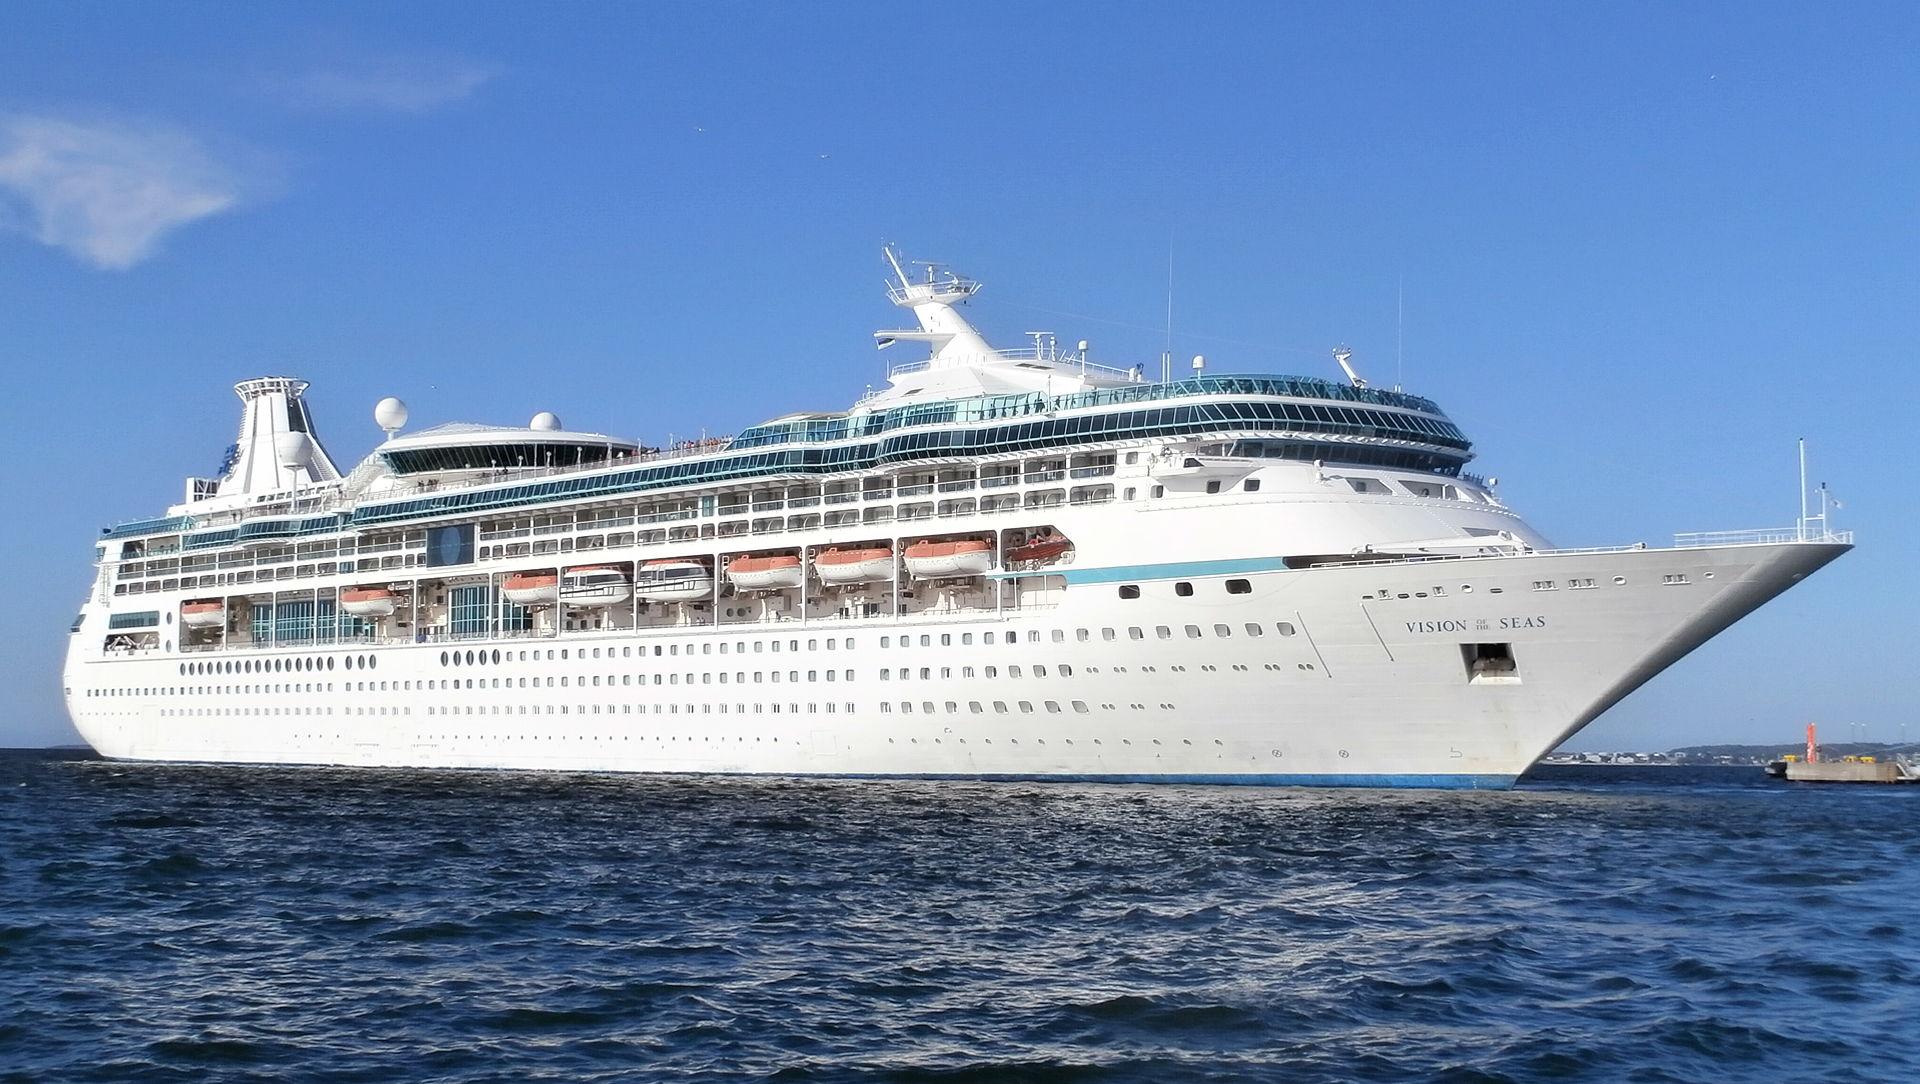 Royal Caribbean <em>Vision of the Seas</em>